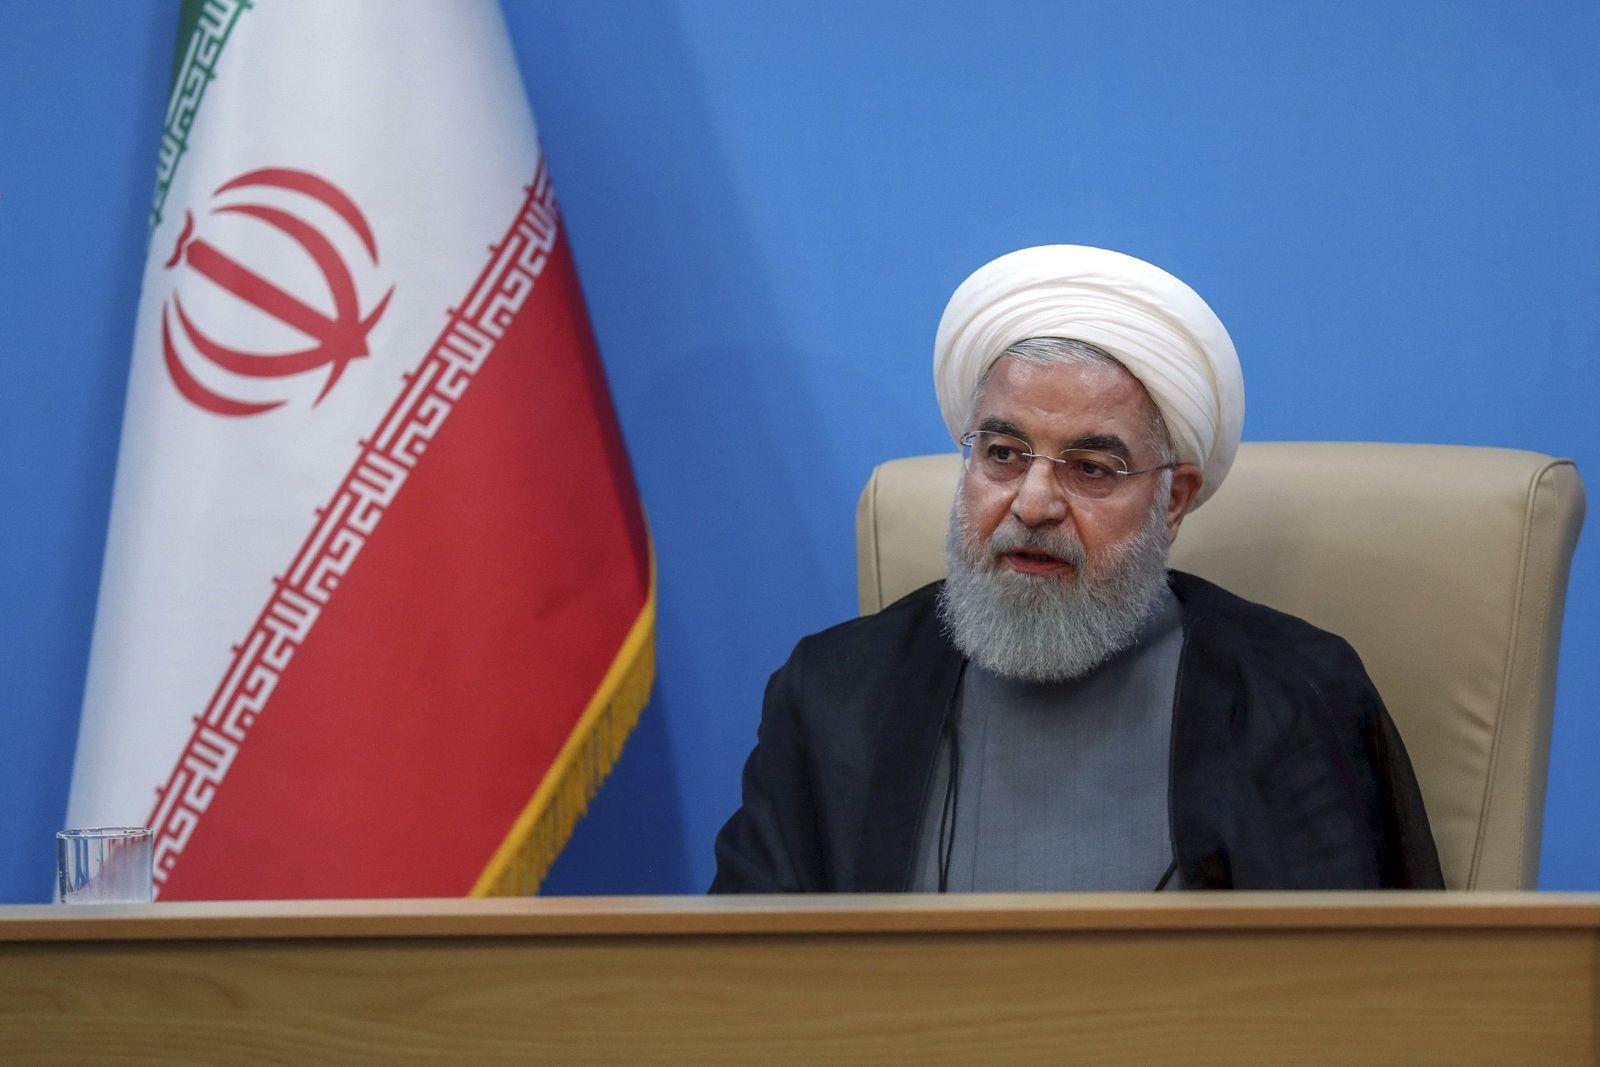 Entwicklung in der Iran-Krise/Rohani